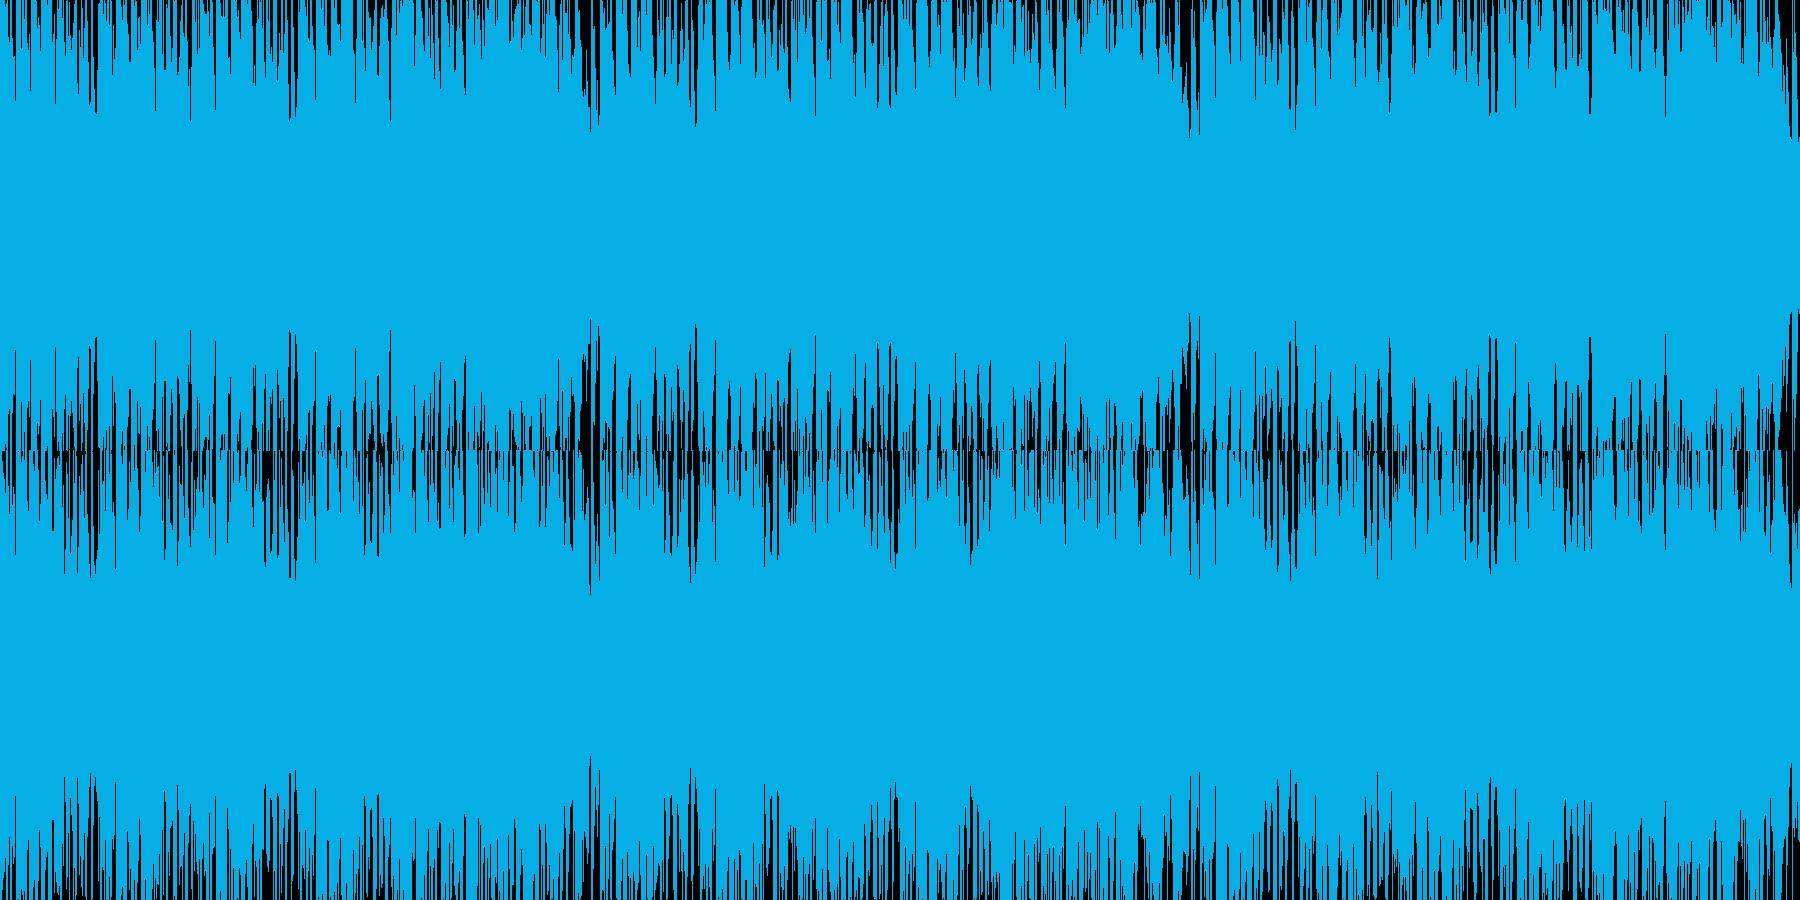 ほのぼのとしたデート用のBGMの再生済みの波形